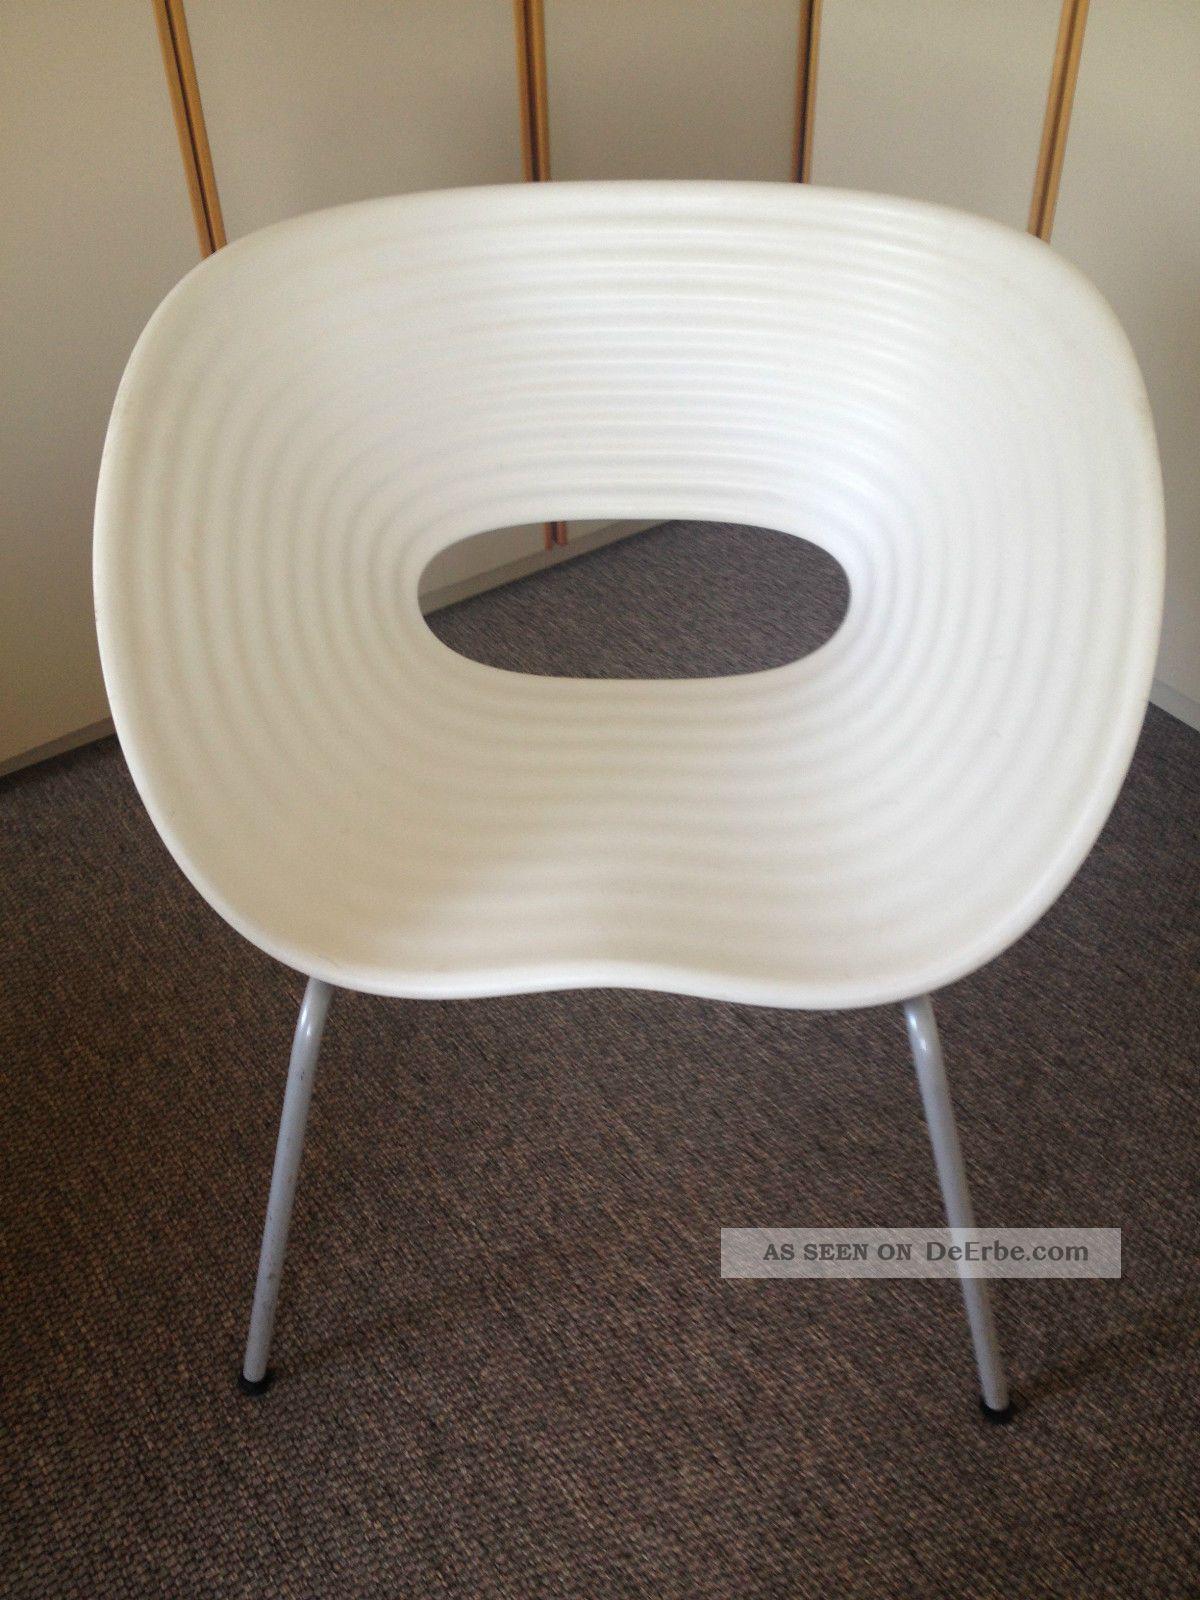 vitra stuhl tom vac wei designklassiker. Black Bedroom Furniture Sets. Home Design Ideas